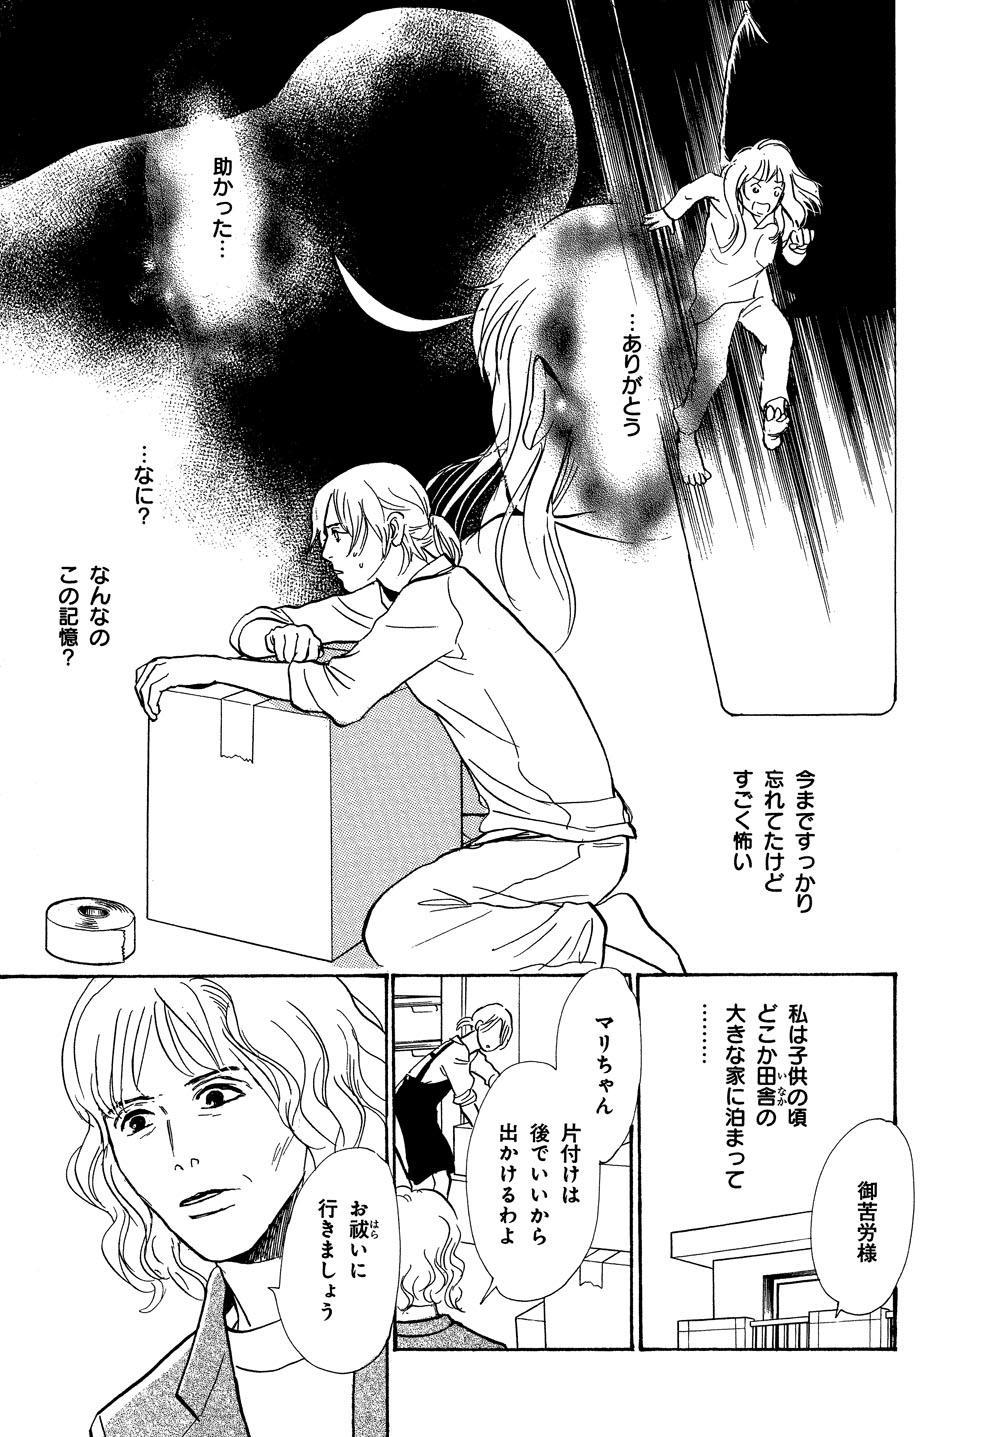 hyakki_0020_0027.jpg